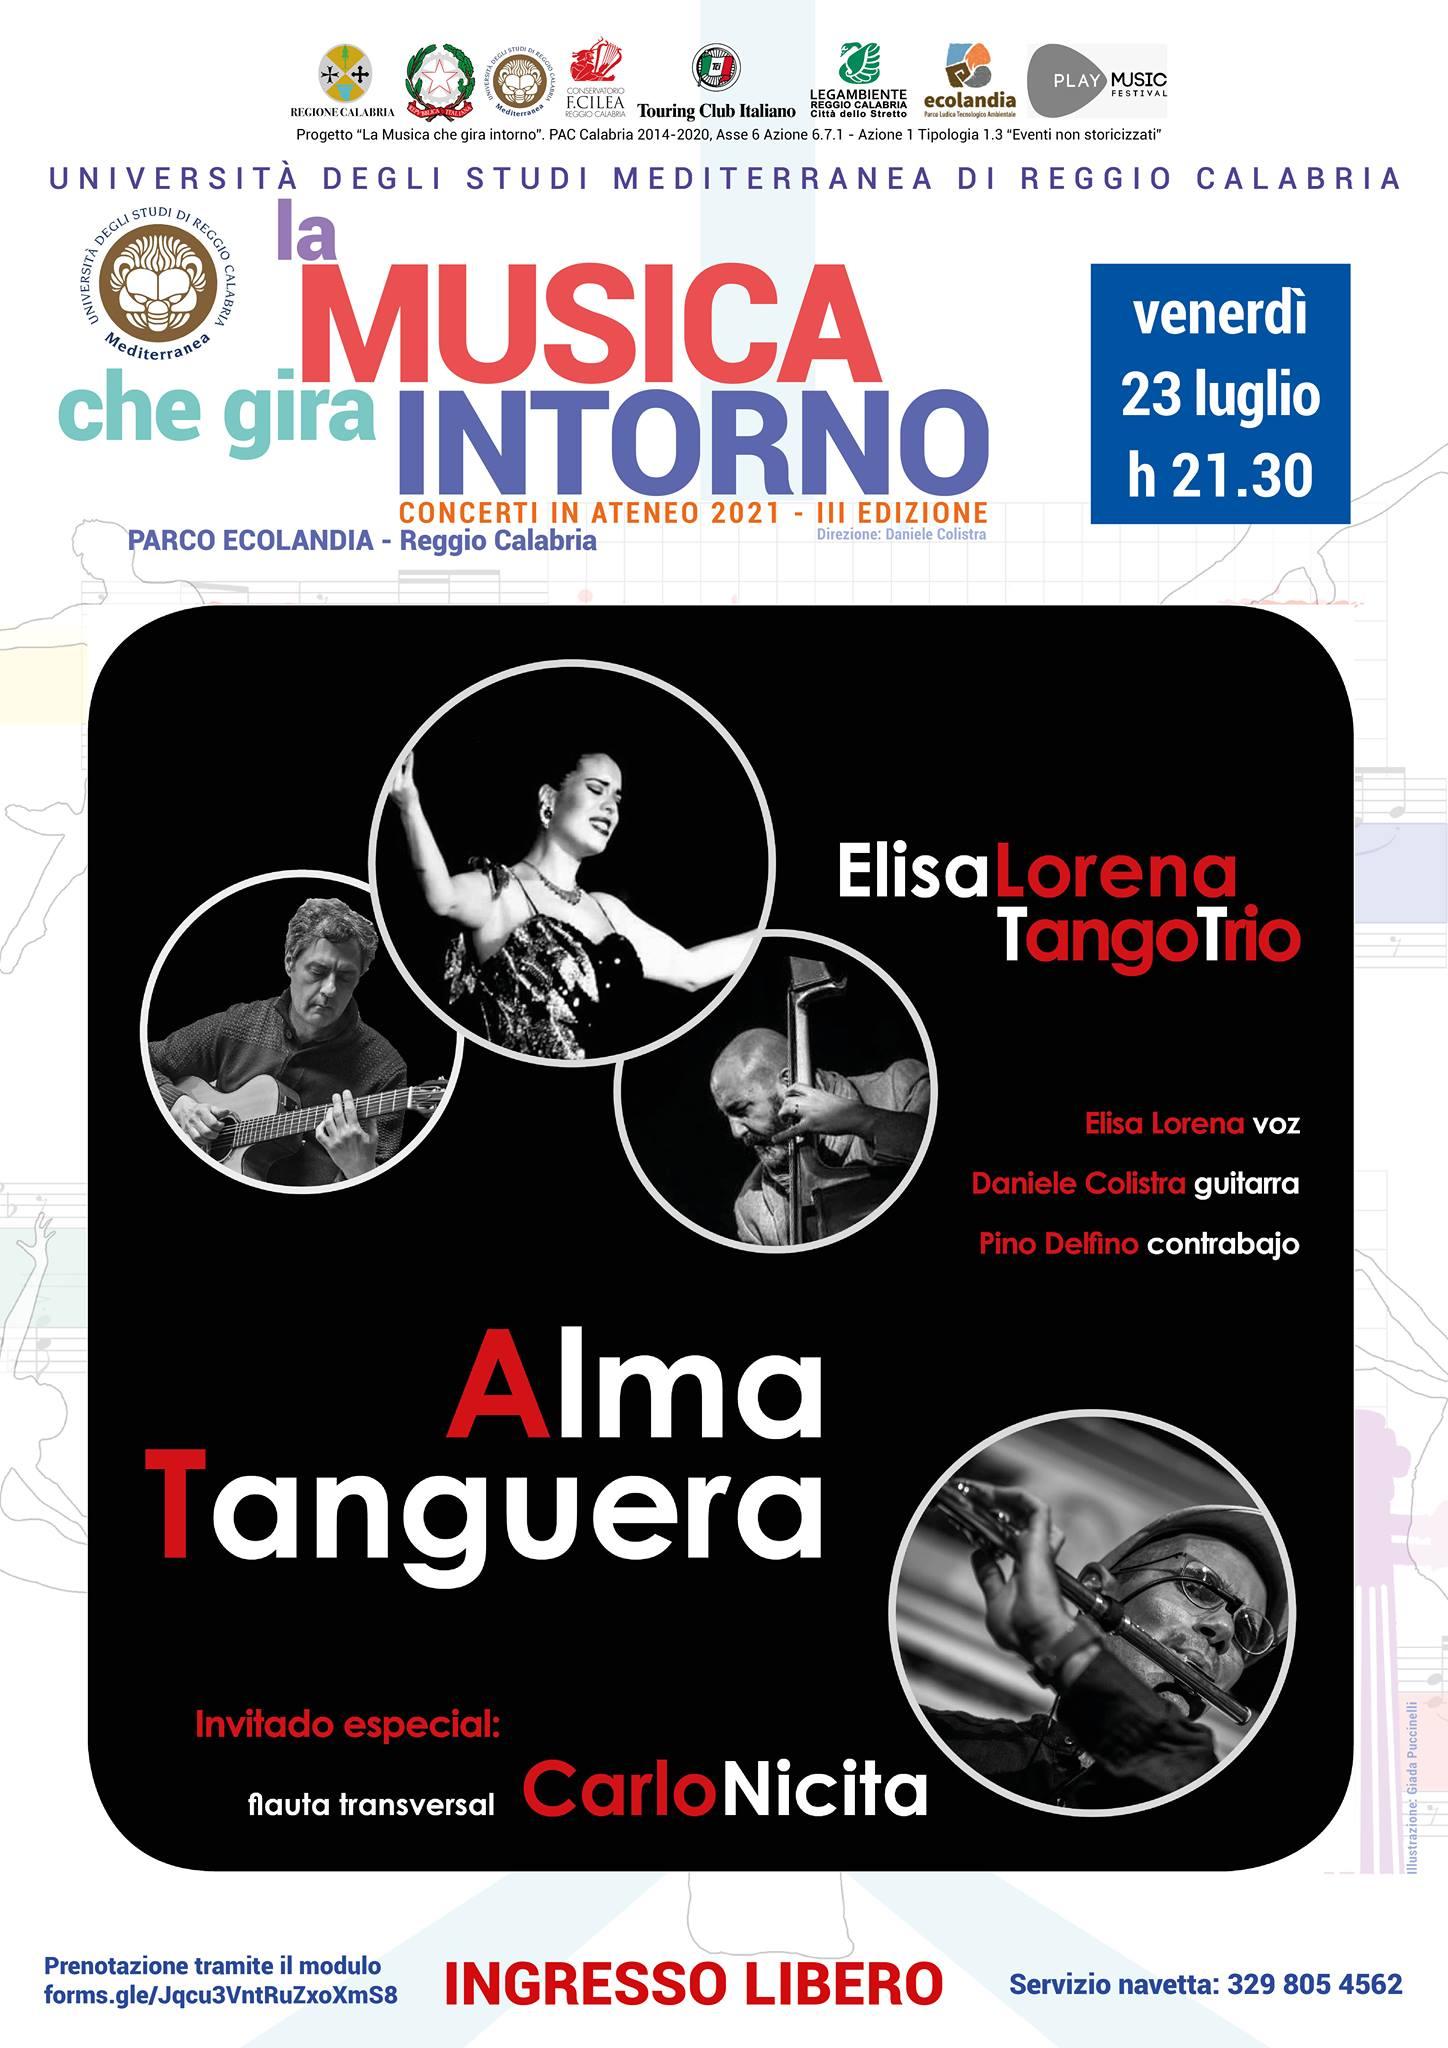 Elisa Lorena Tango Trio & Carlo Nicita